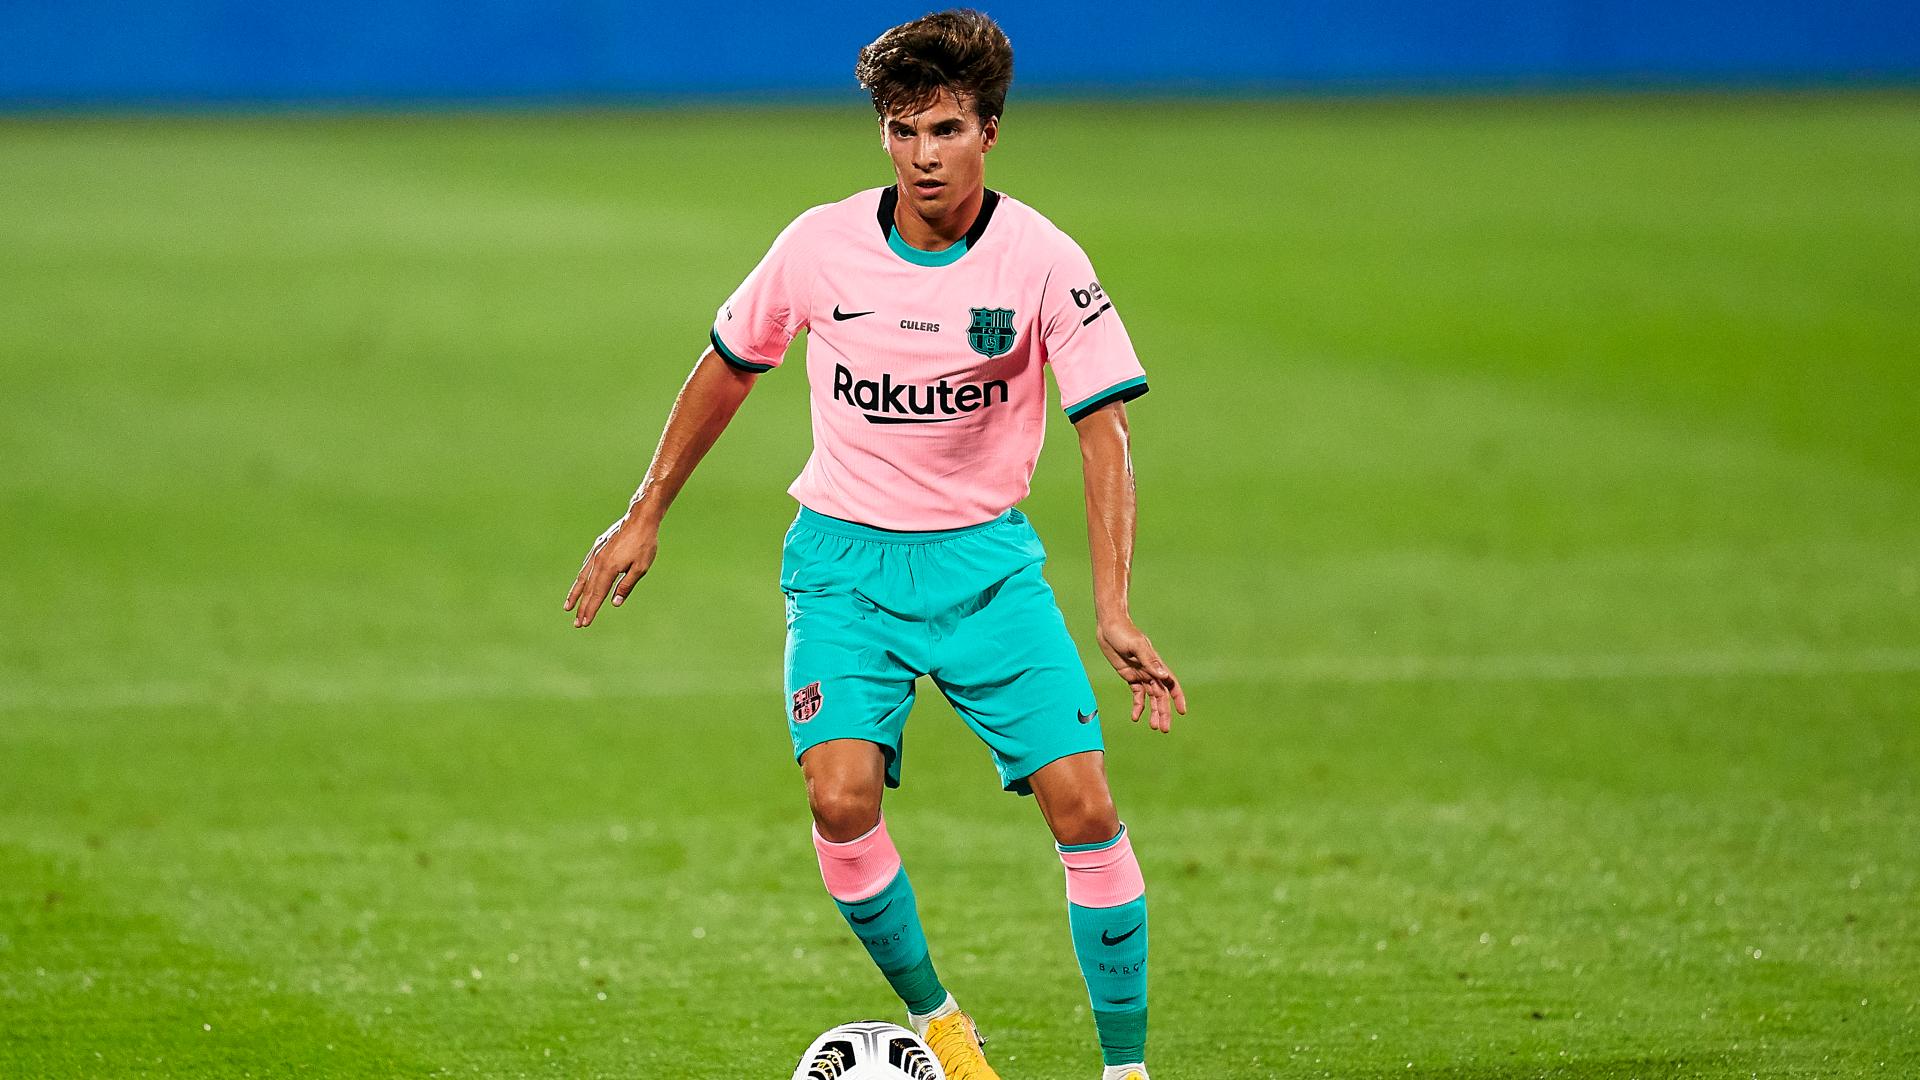 Riqui Puig should leave Barcelona on loan – Koeman